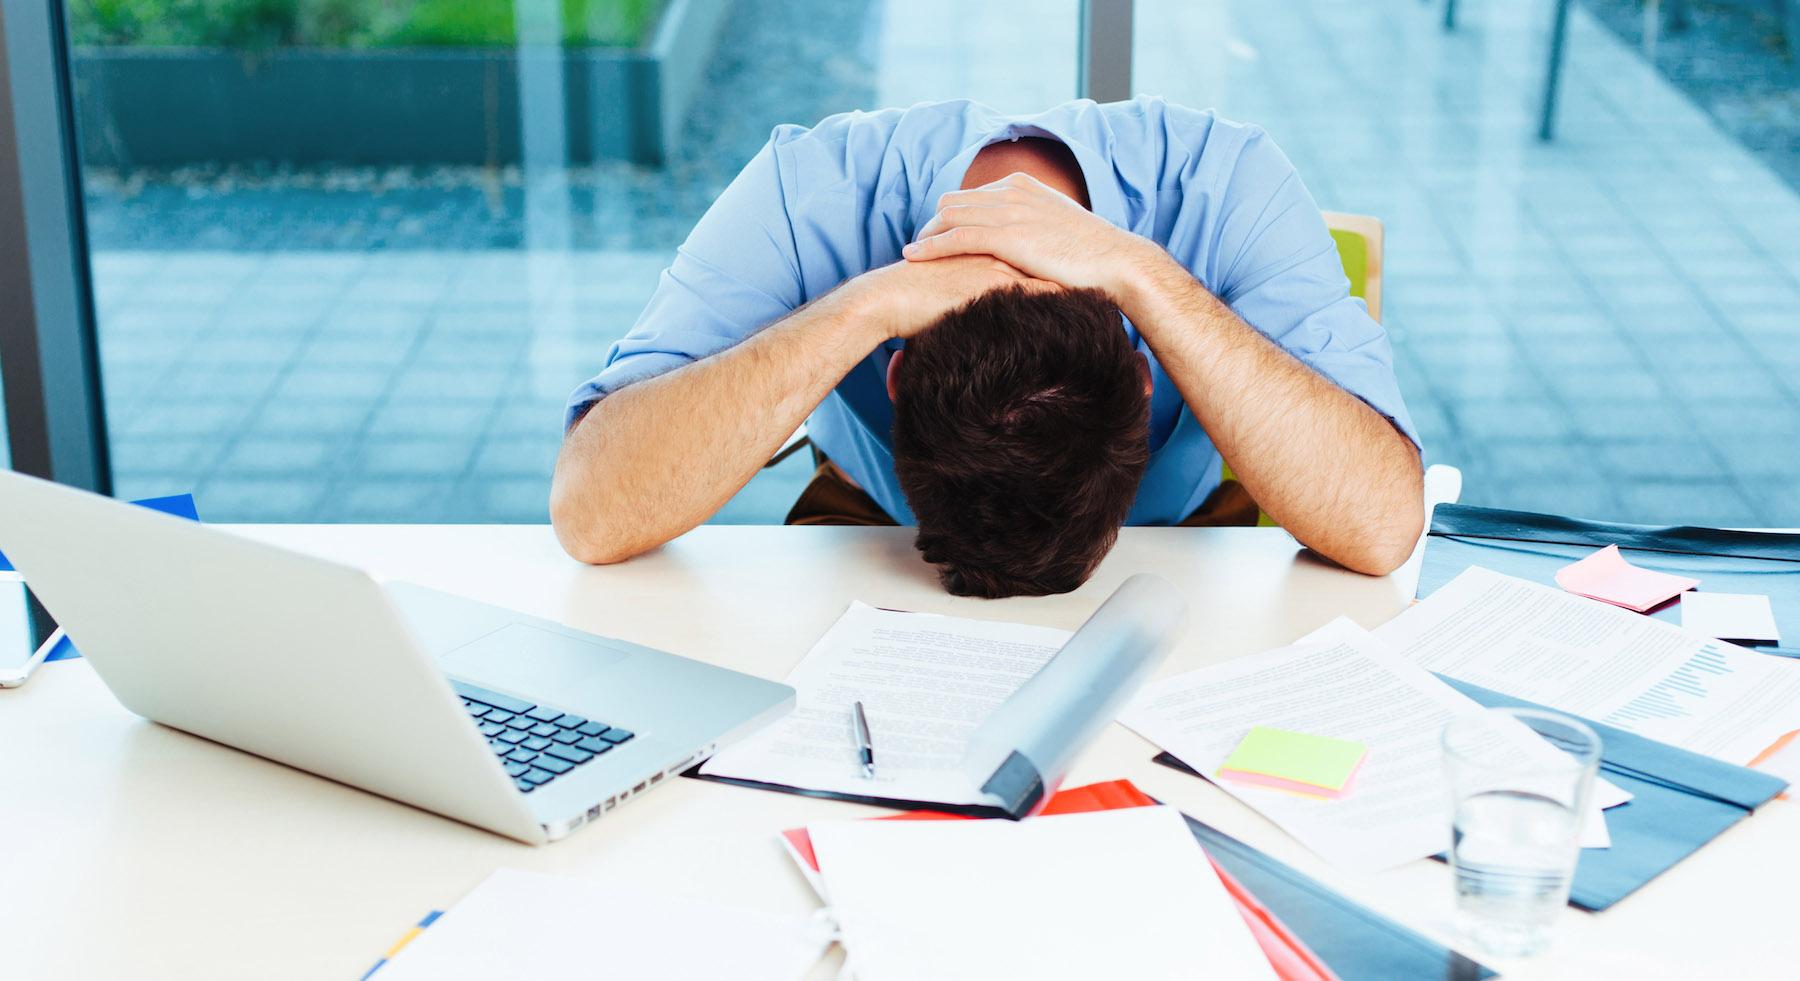 در کار خود دچار ناامیدی و درماندگی شدهاید؟ احتمالا موفقیتی بزرگ در انتظار شماست